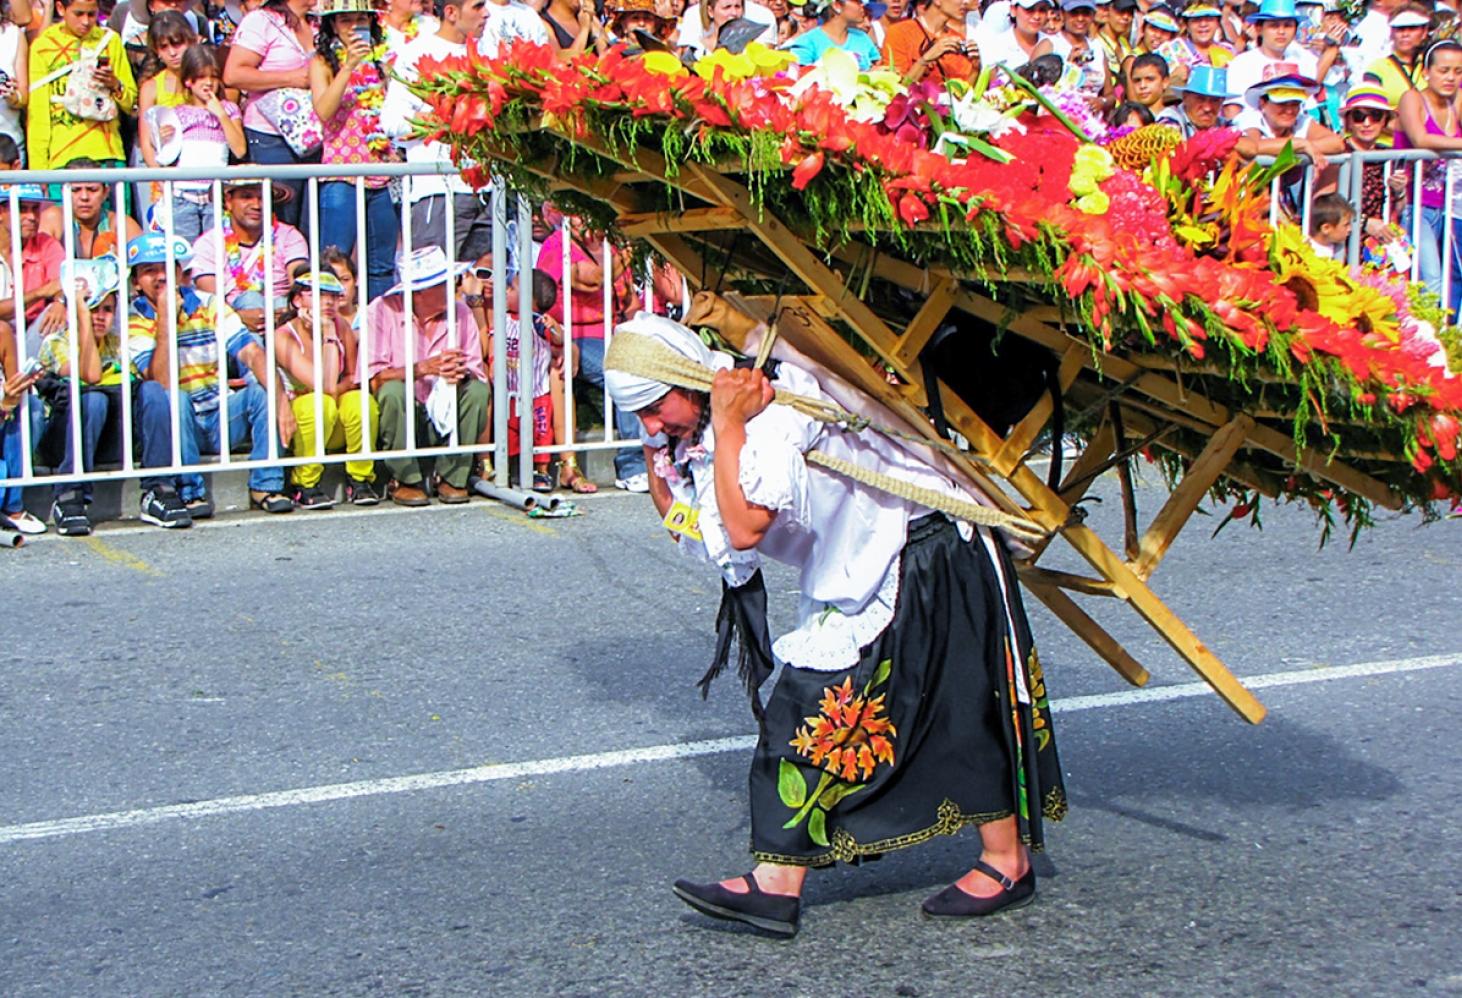 Фестиваль цветов в Медельин, Колумбия 28.07-06.08.2017